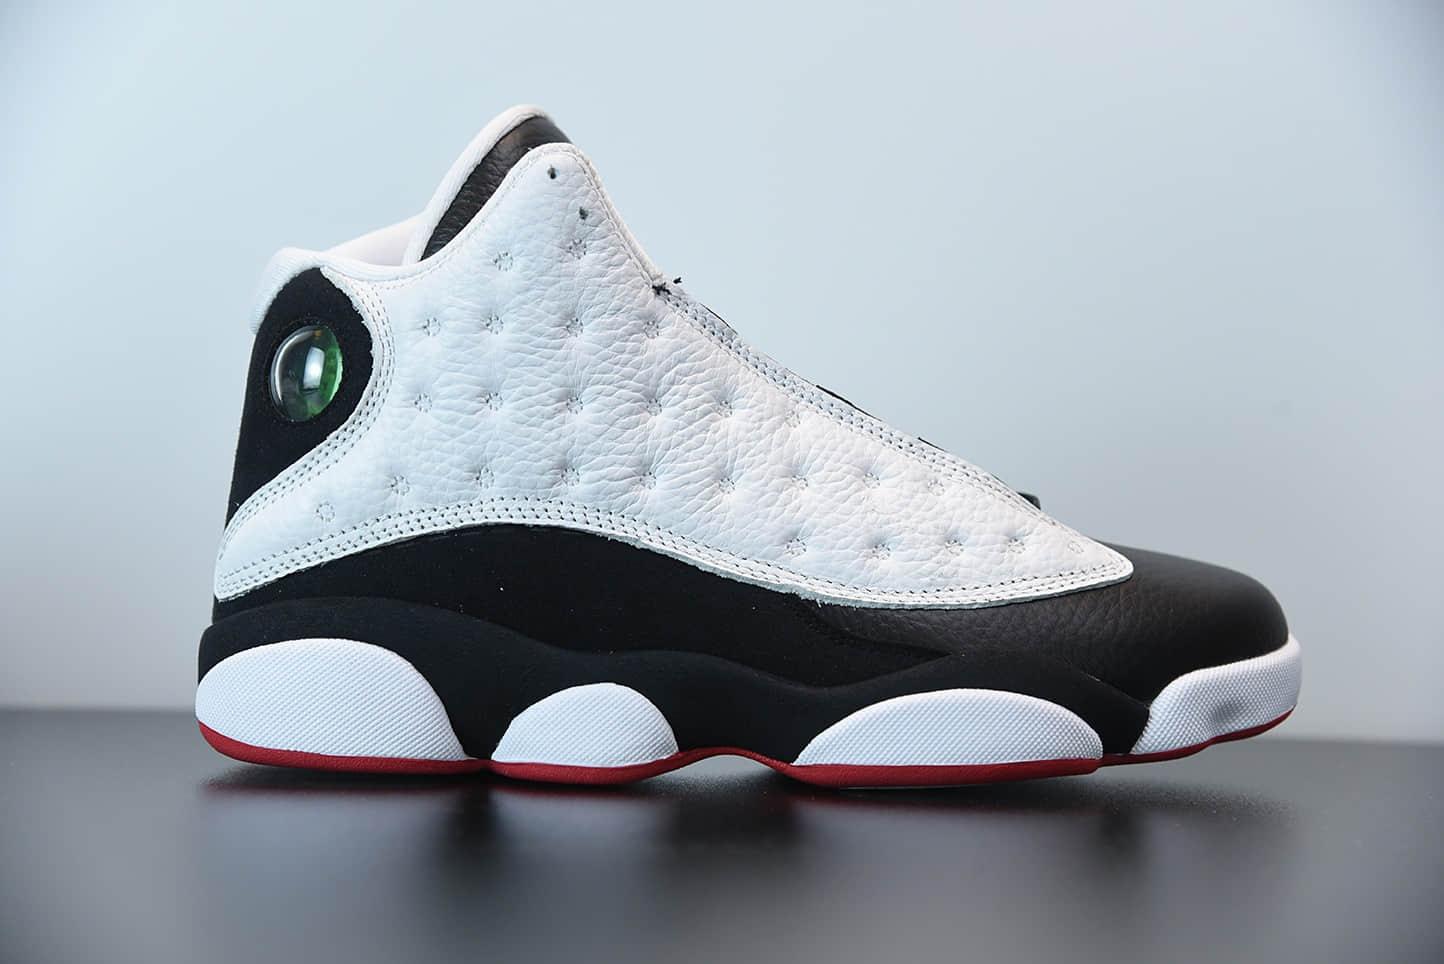 乔丹Air Jordan 13 RetroHe Got Game黑白熊猫复古中帮文化休闲运动篮球鞋纯原版本 货号:414571-104